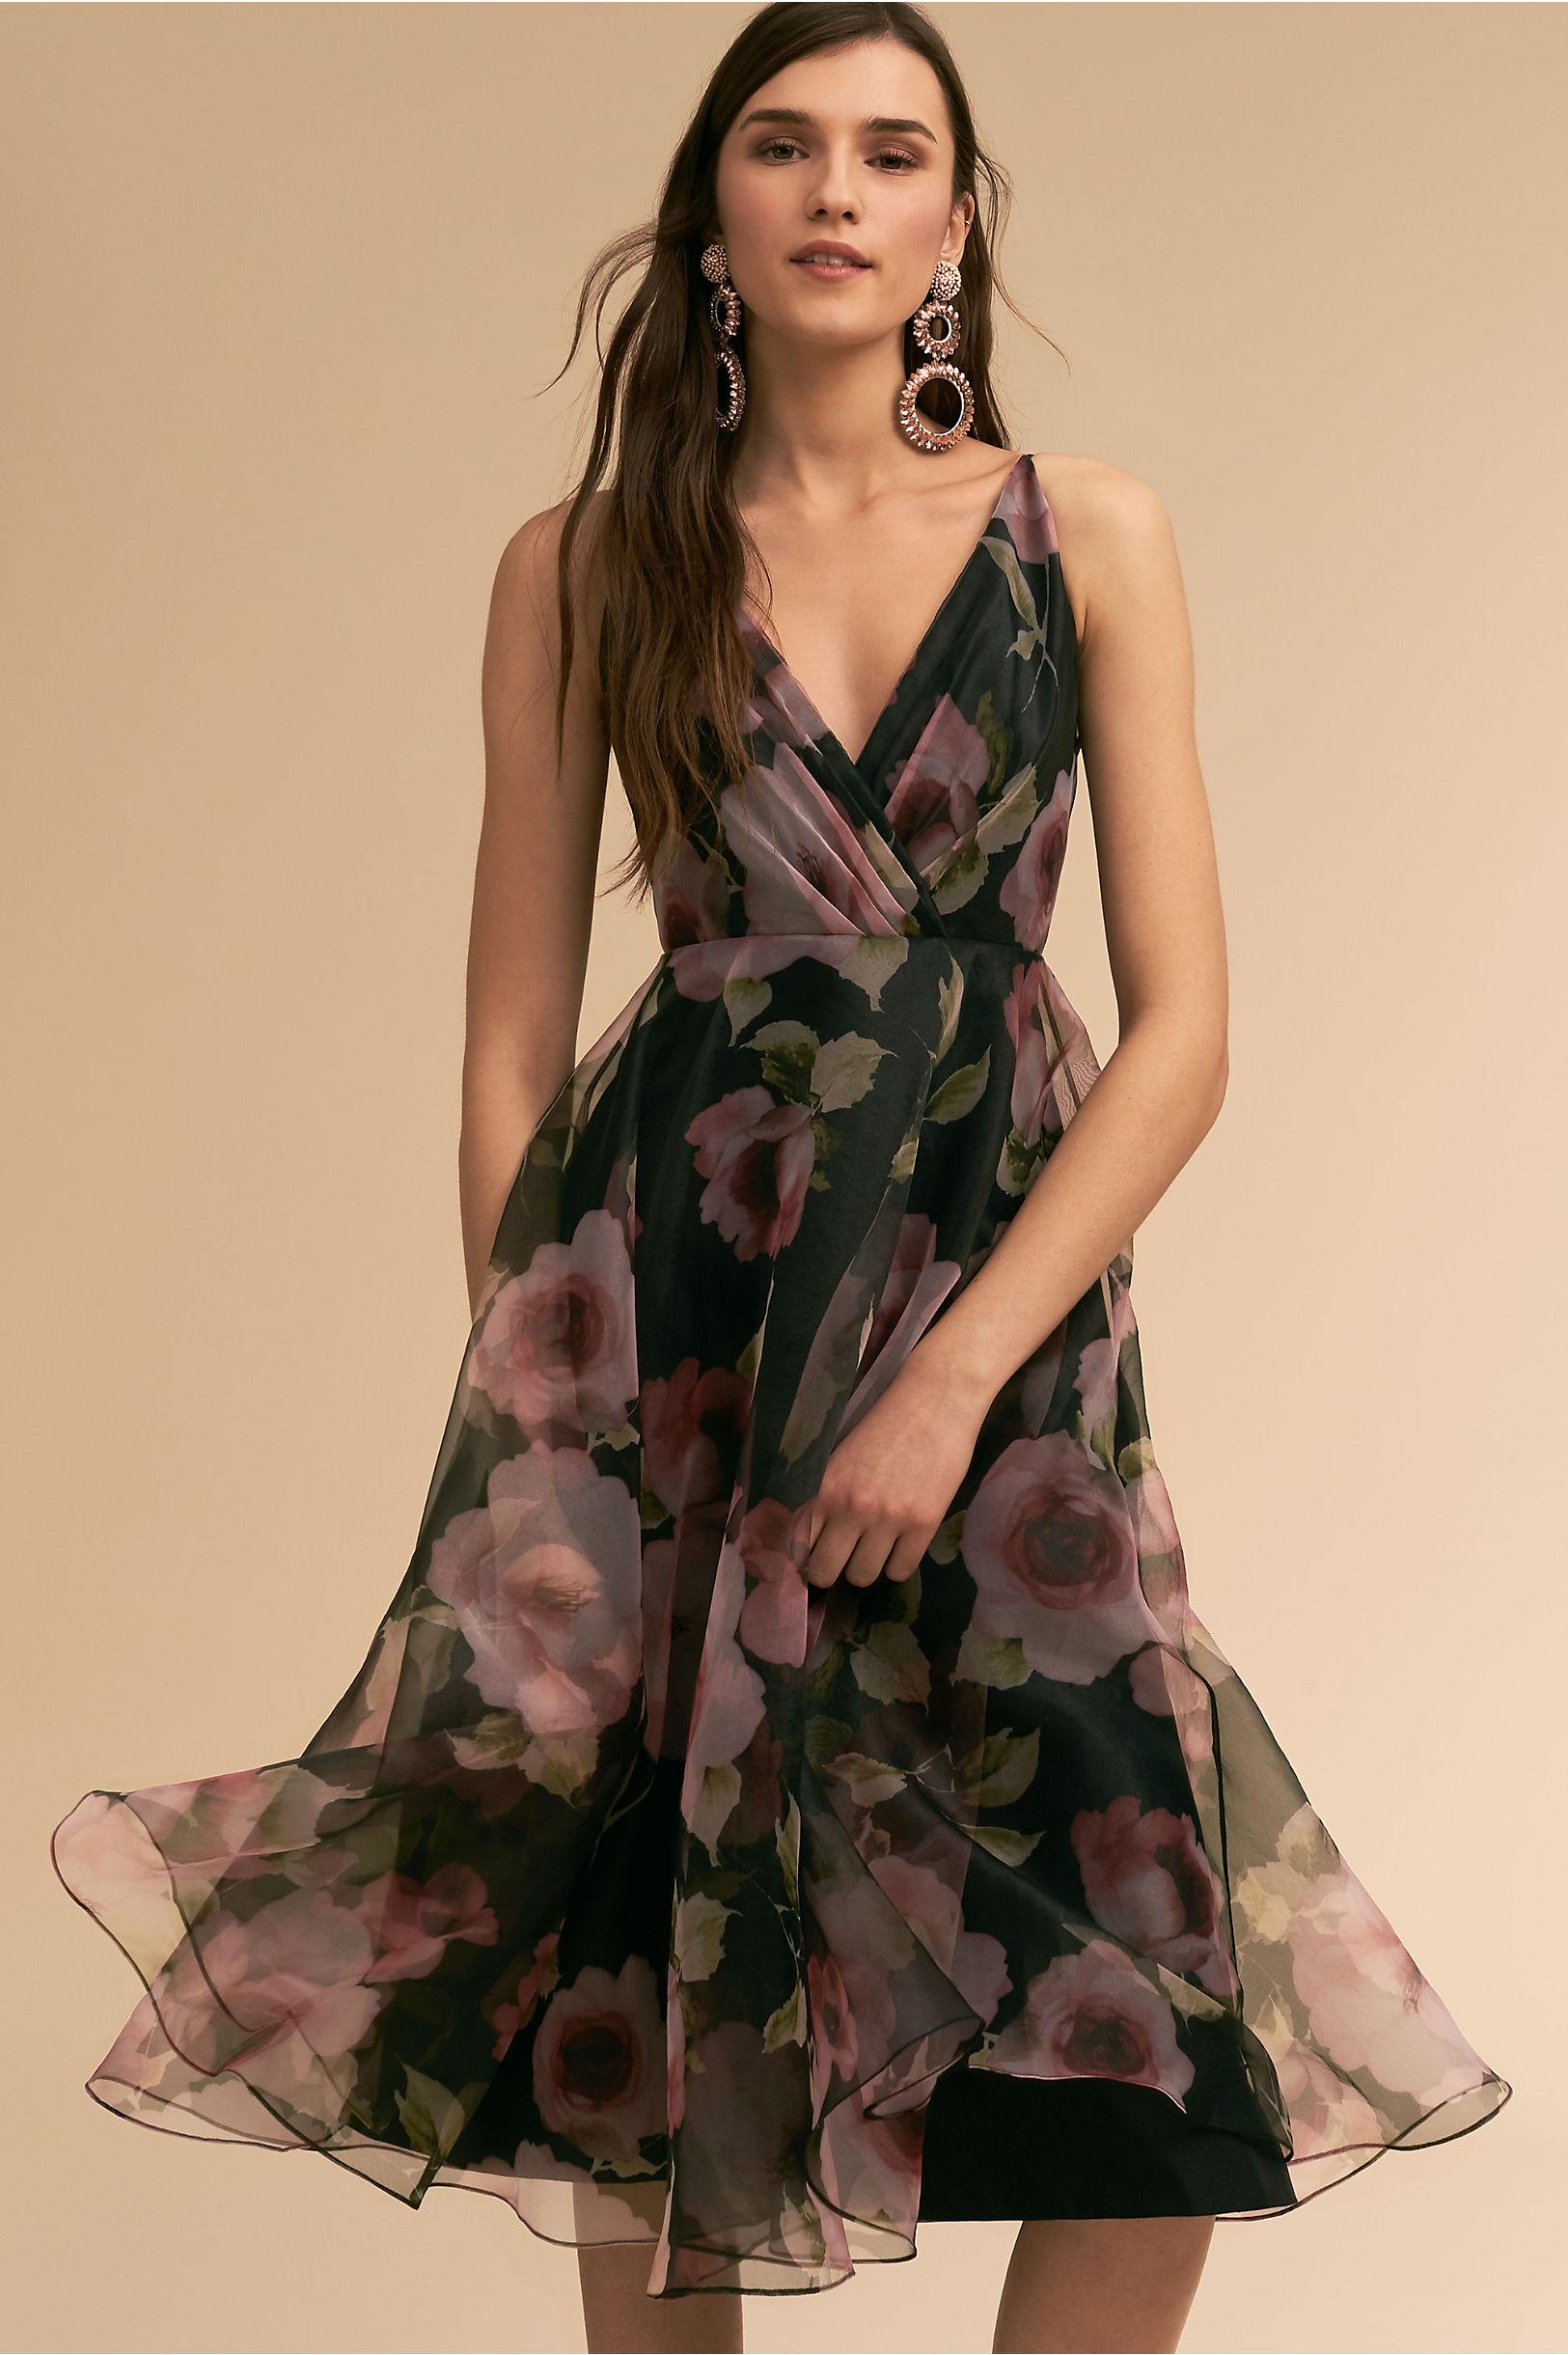 Sabrina dress images